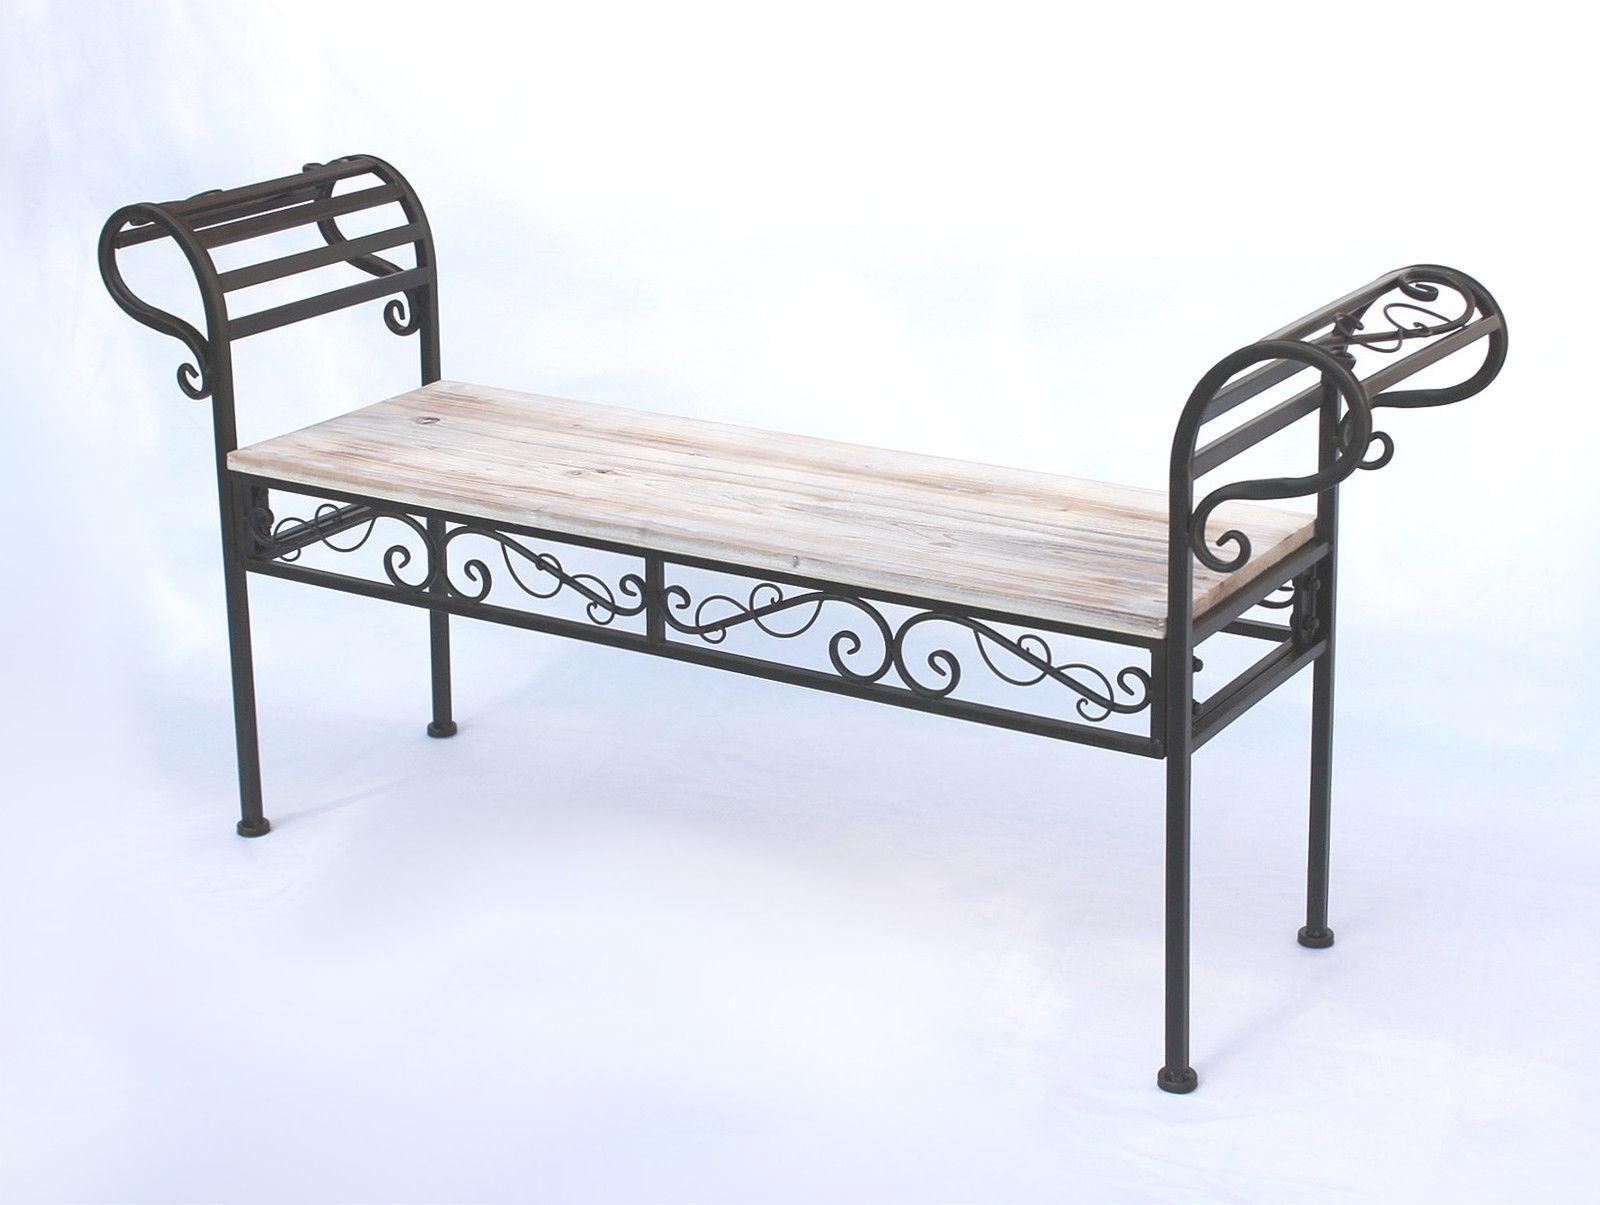 banc de jardin 19279 banc 133 cm en m tal et bois banc banc fer forg ebay. Black Bedroom Furniture Sets. Home Design Ideas